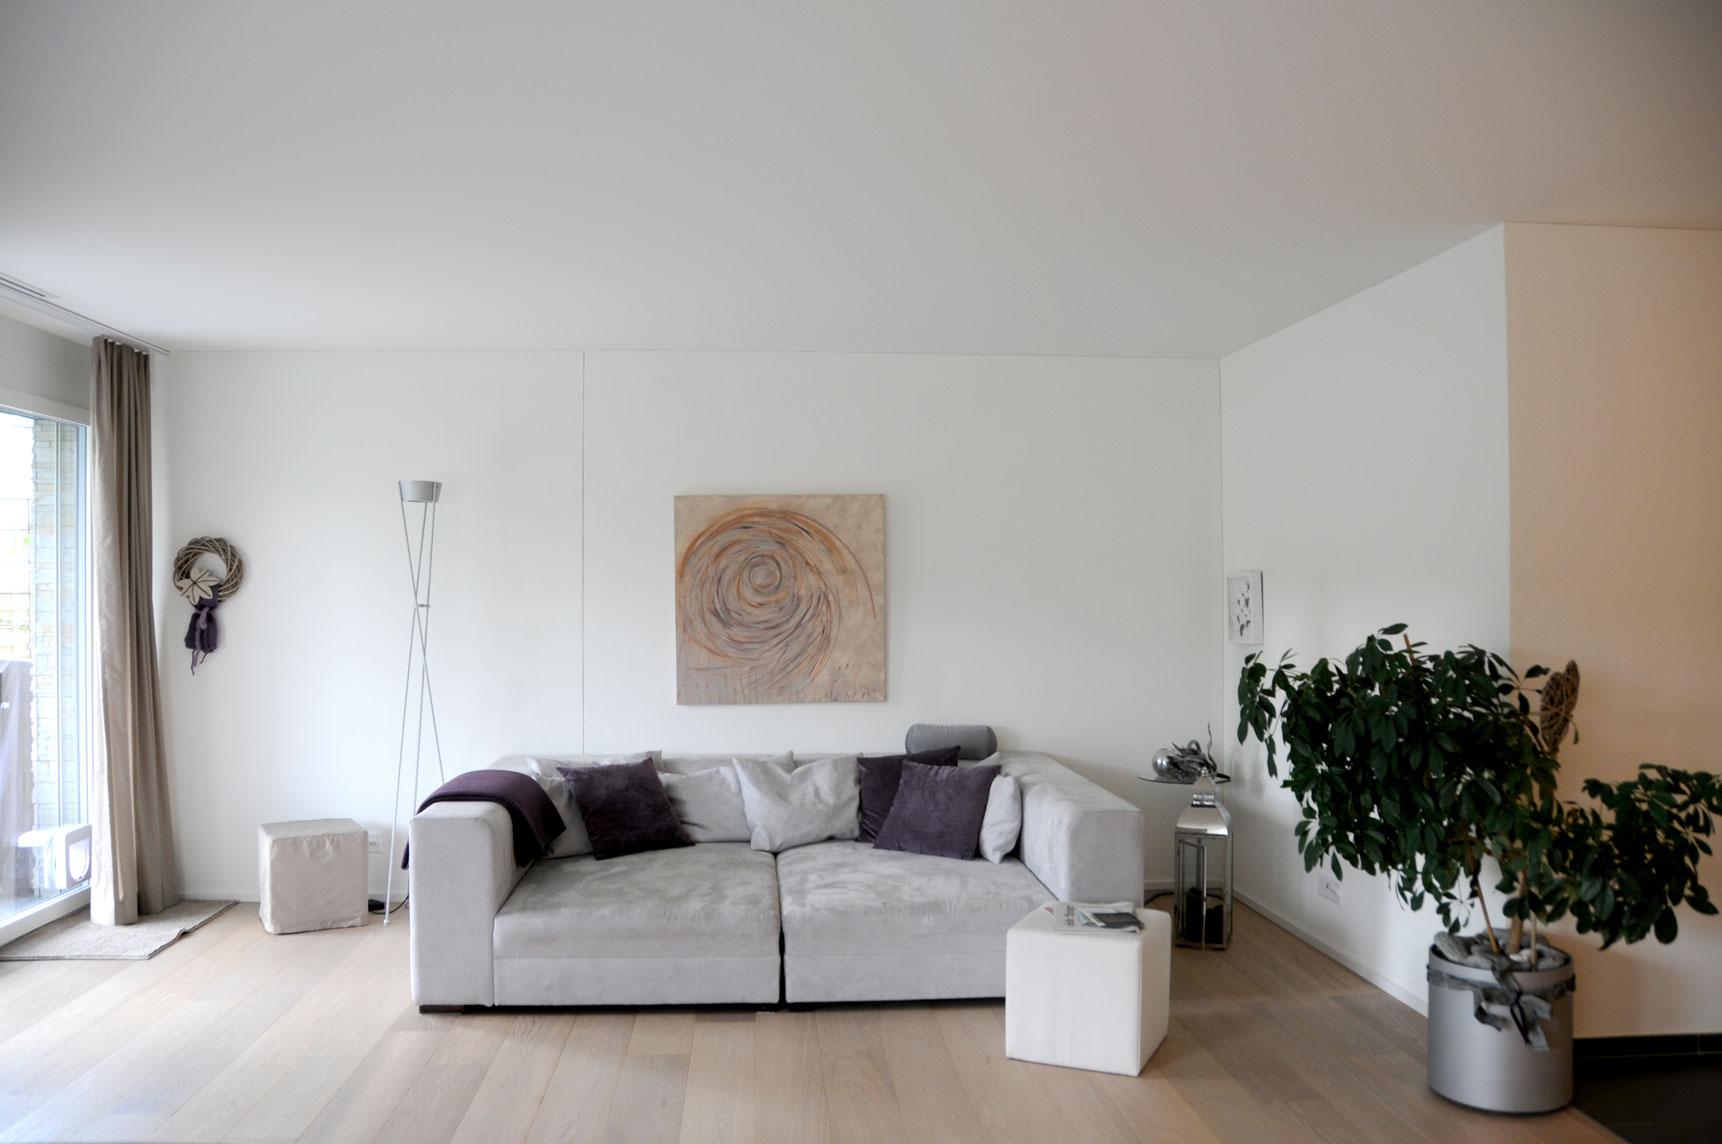 Haus Falken Einsiedeln - Steinegger Baurealisation GmbH